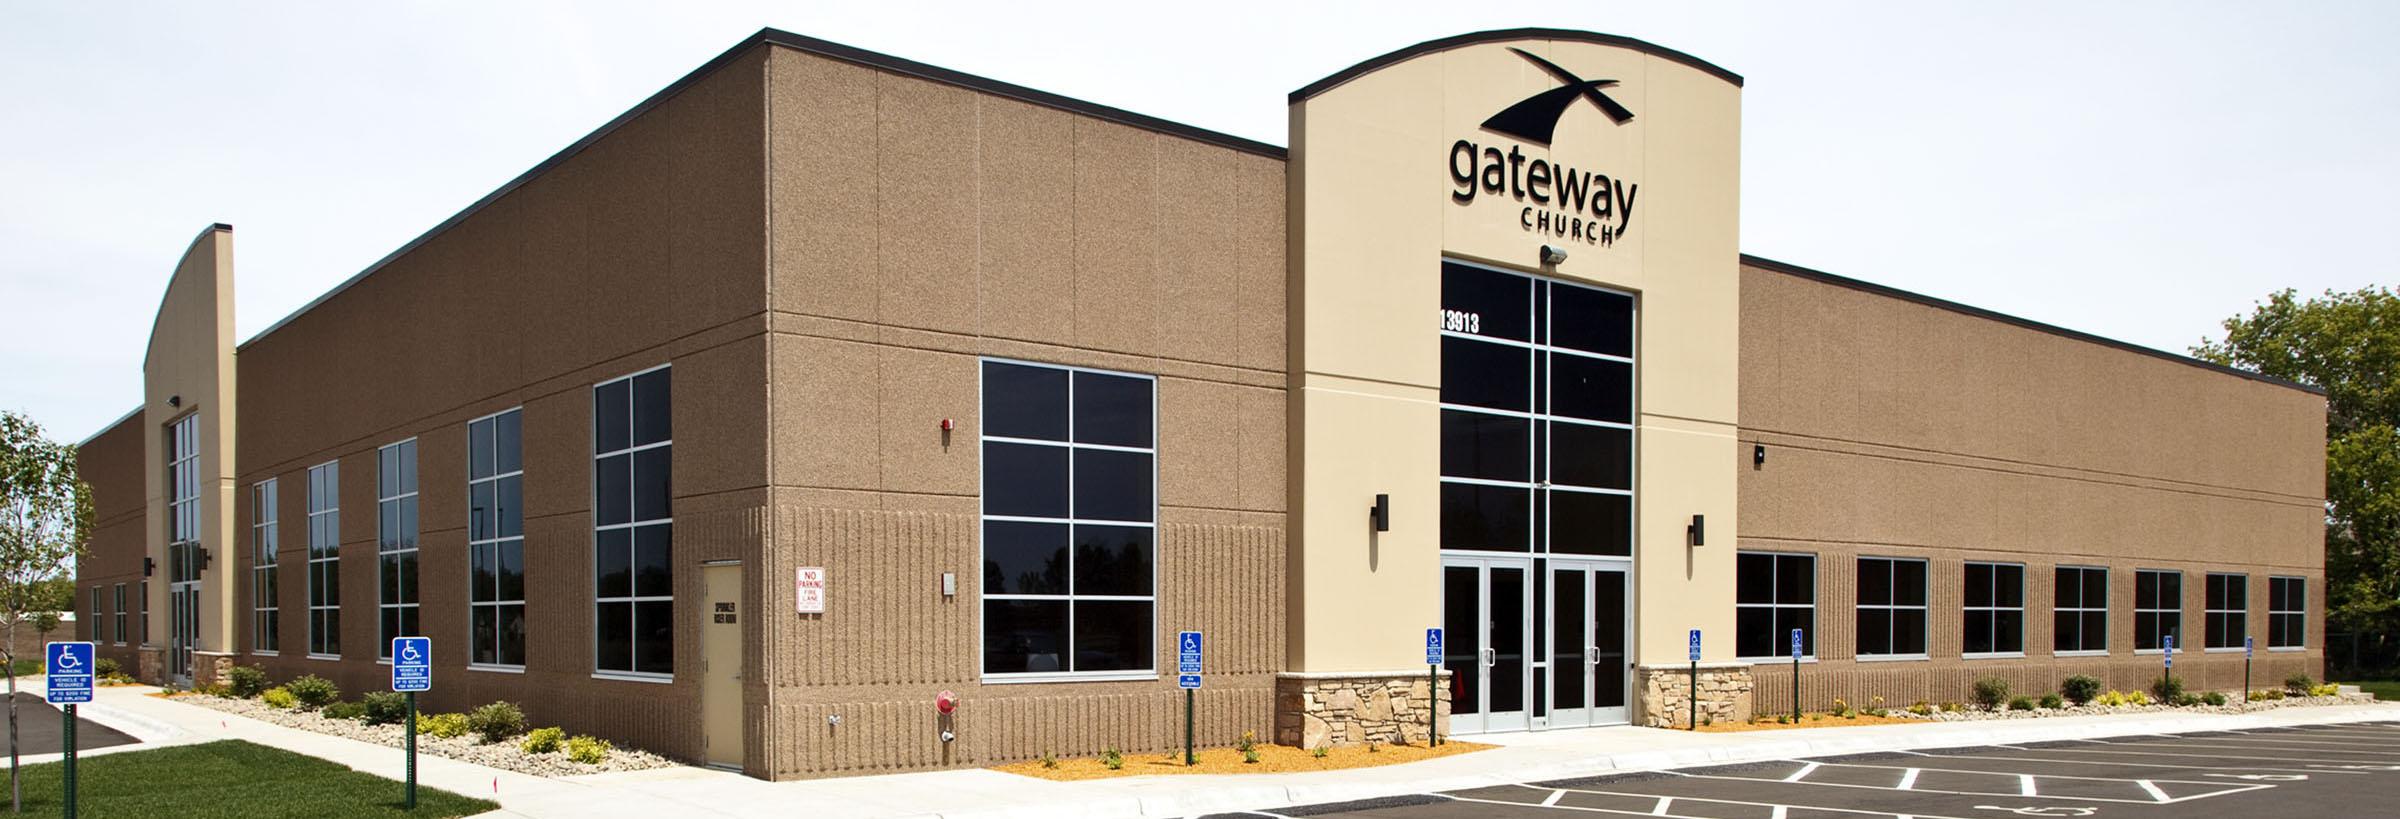 gateway_church_exterior